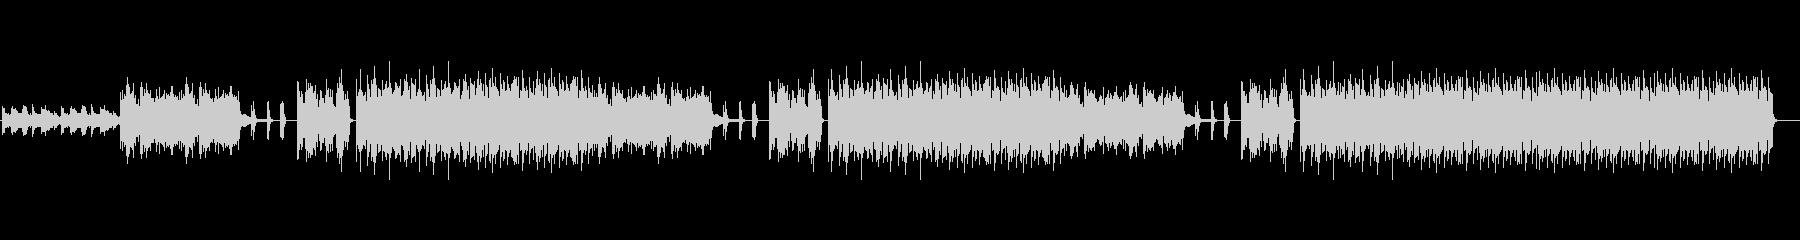 フューチャーベース、RnB、チルアウト3の未再生の波形